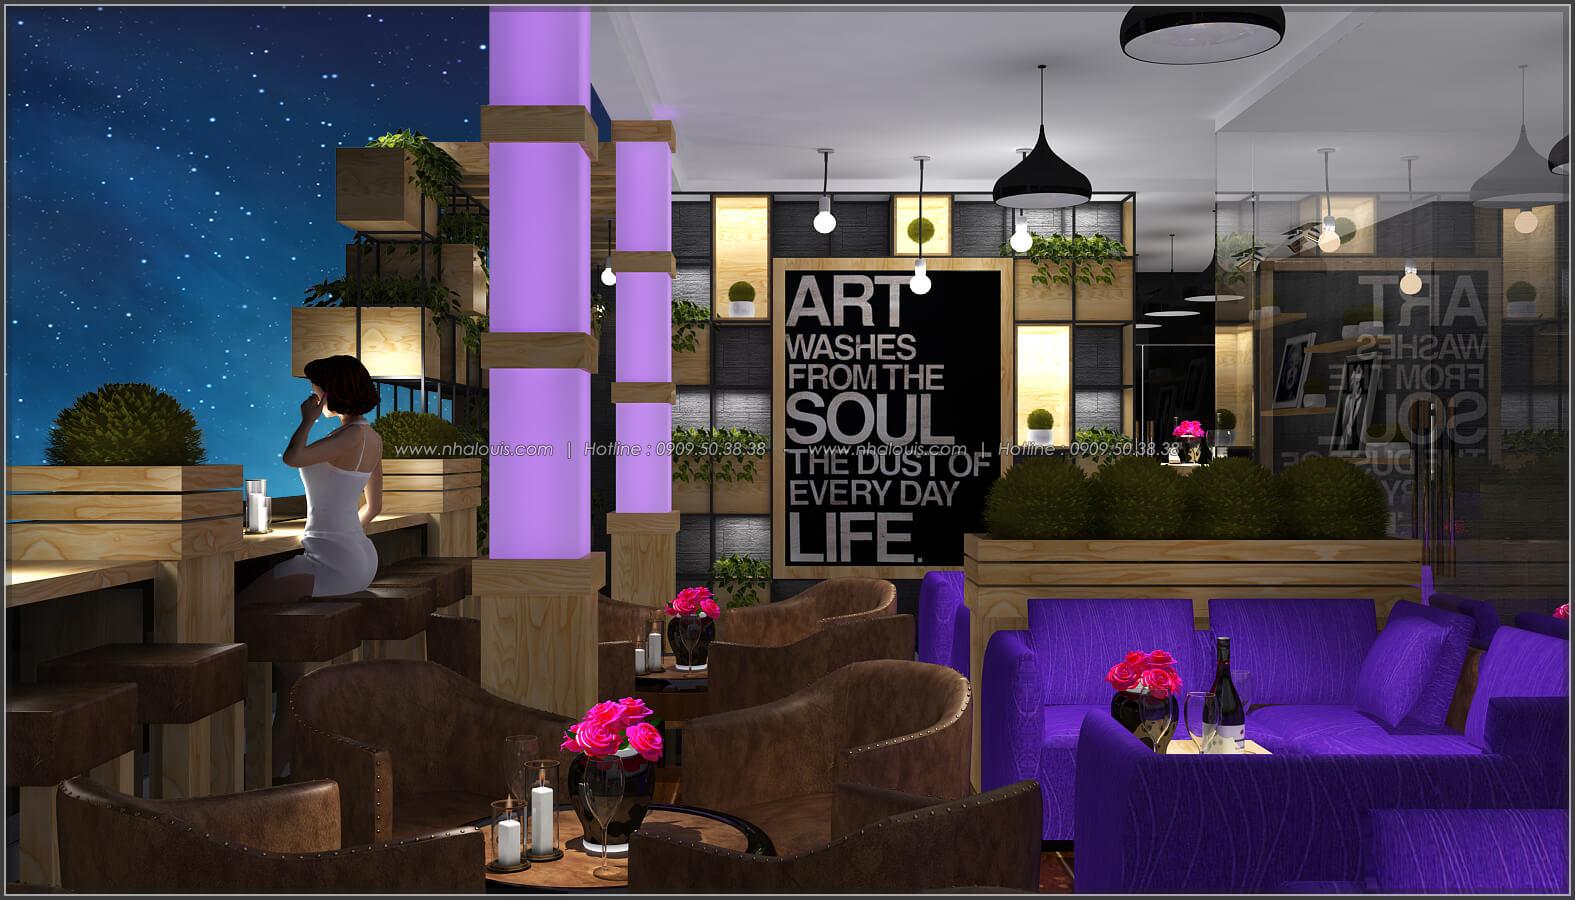 Thiết kế nội thất thiết kế quán cafe đẹp không gian xanh sang trọng ở Bình Dương - 8